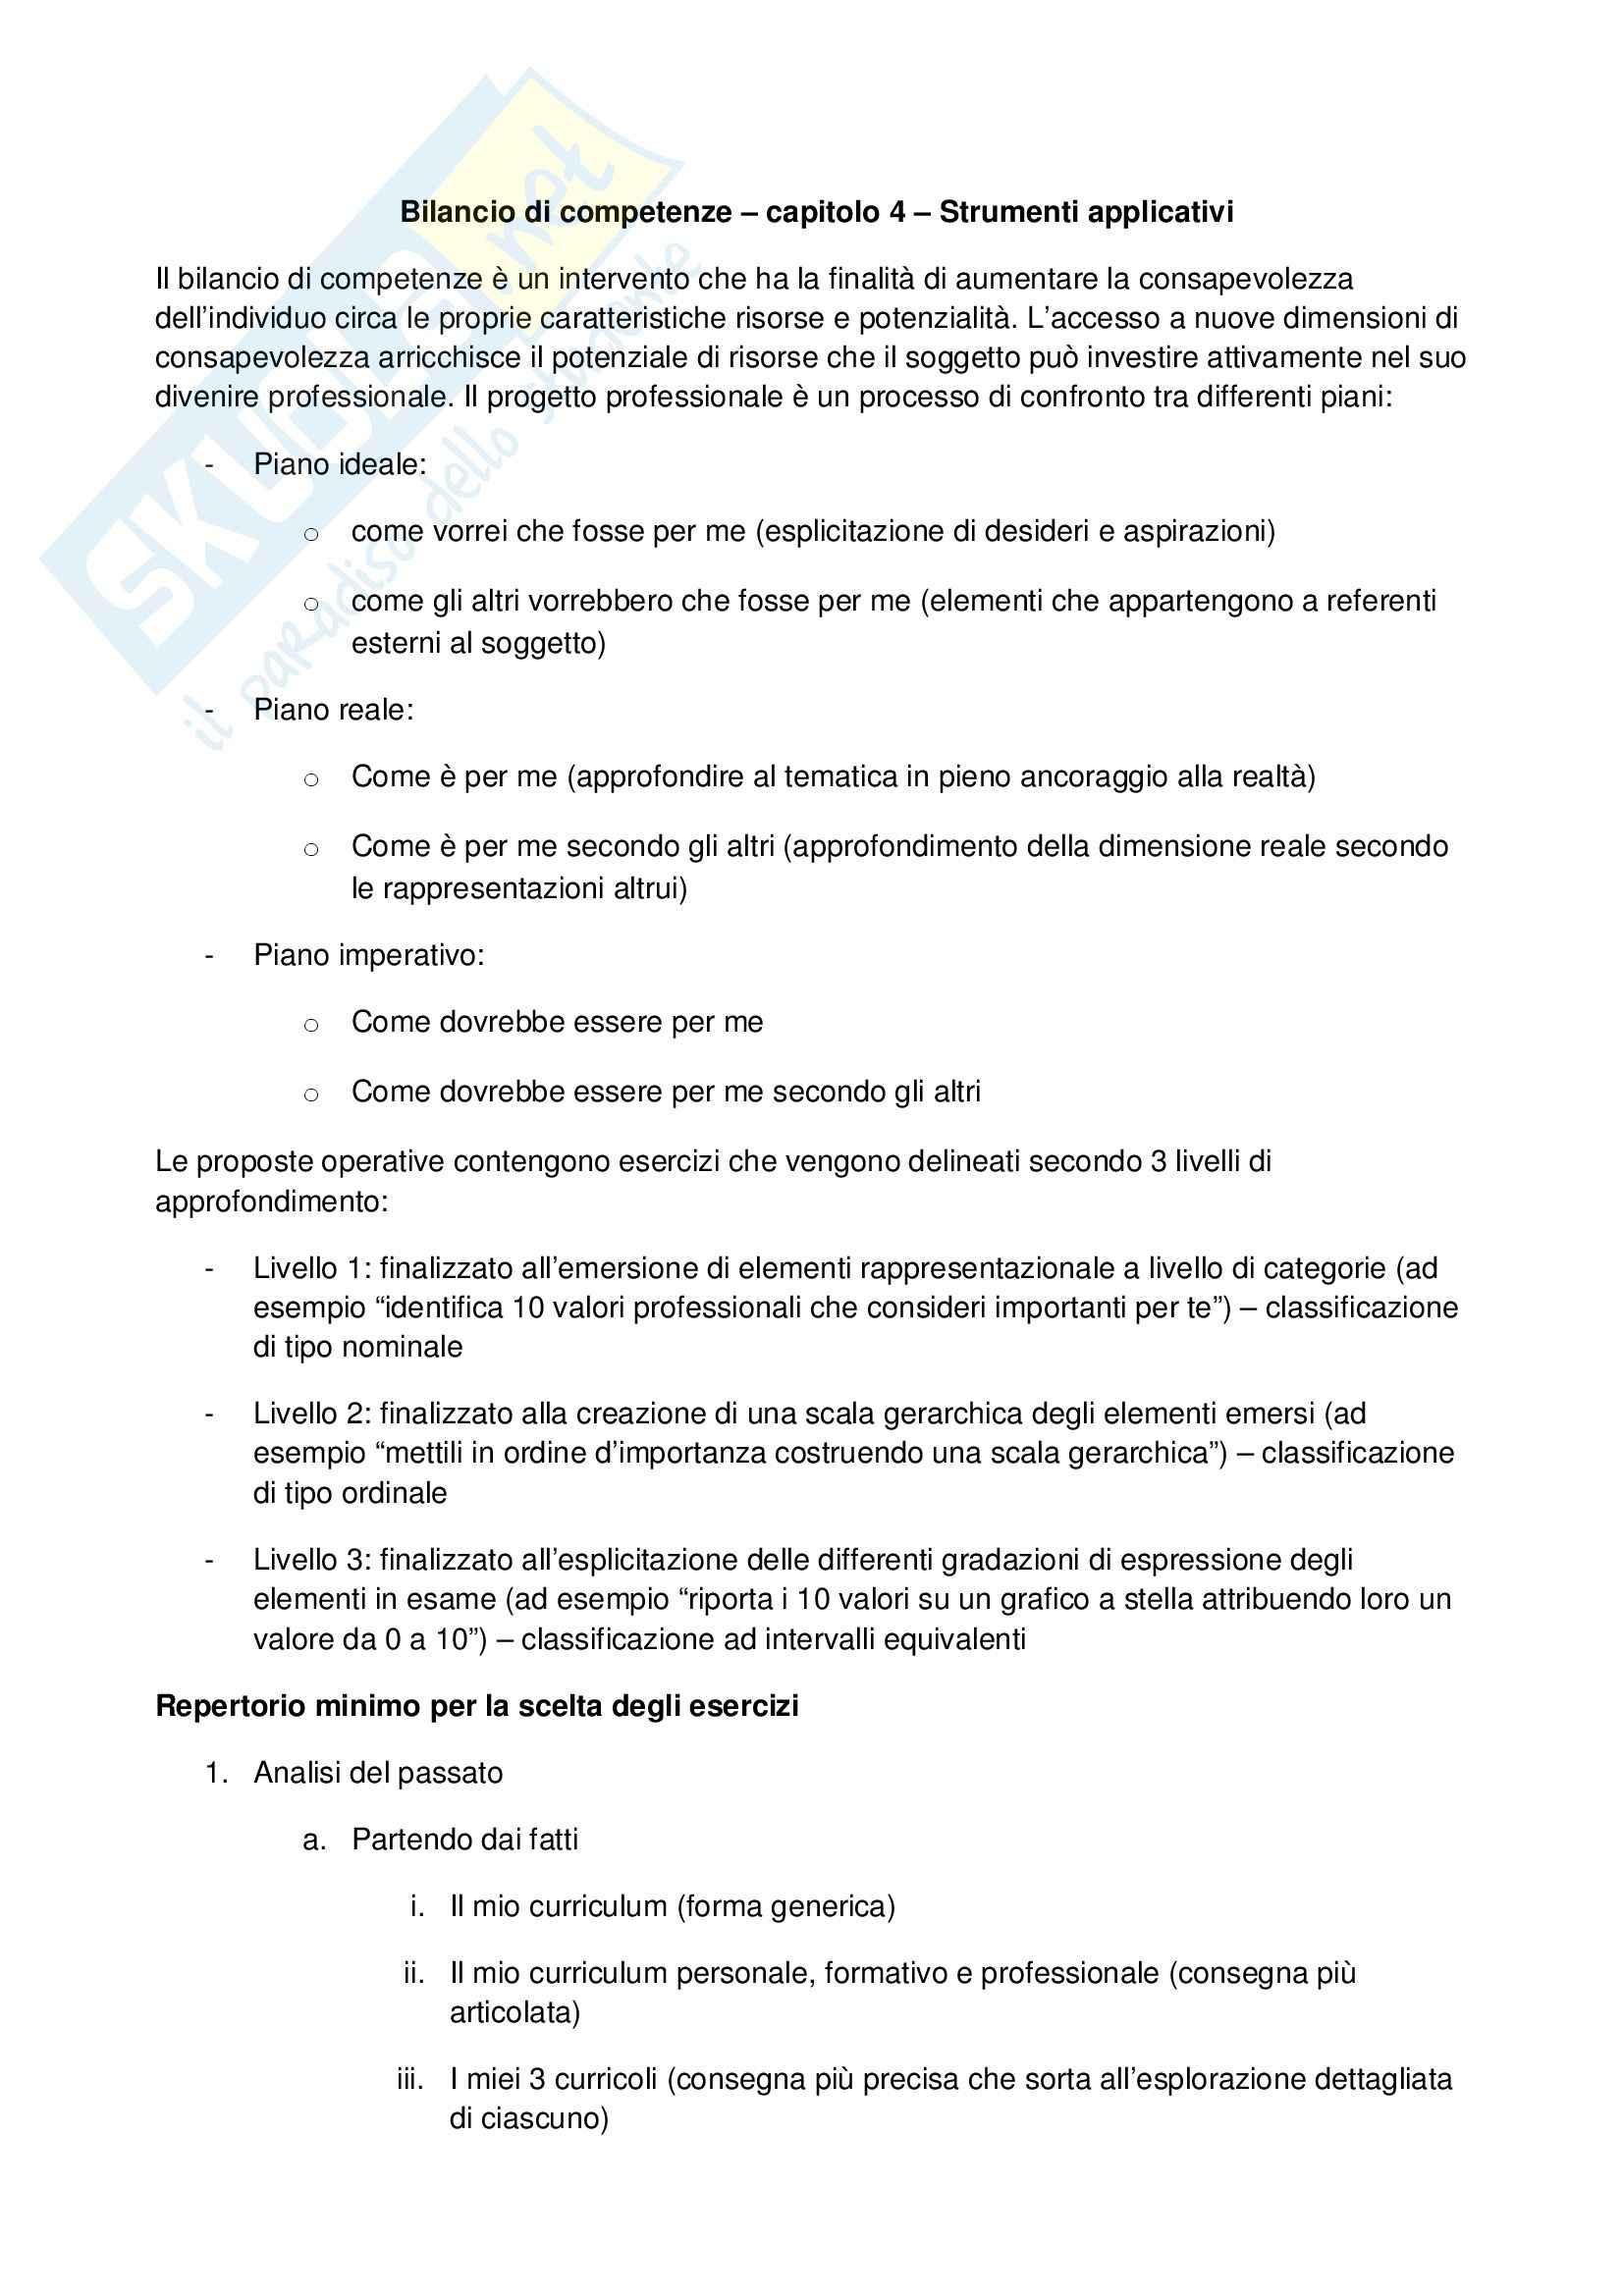 Psicologia dell'orientamento scolastico e professionale – Bilancio competenze